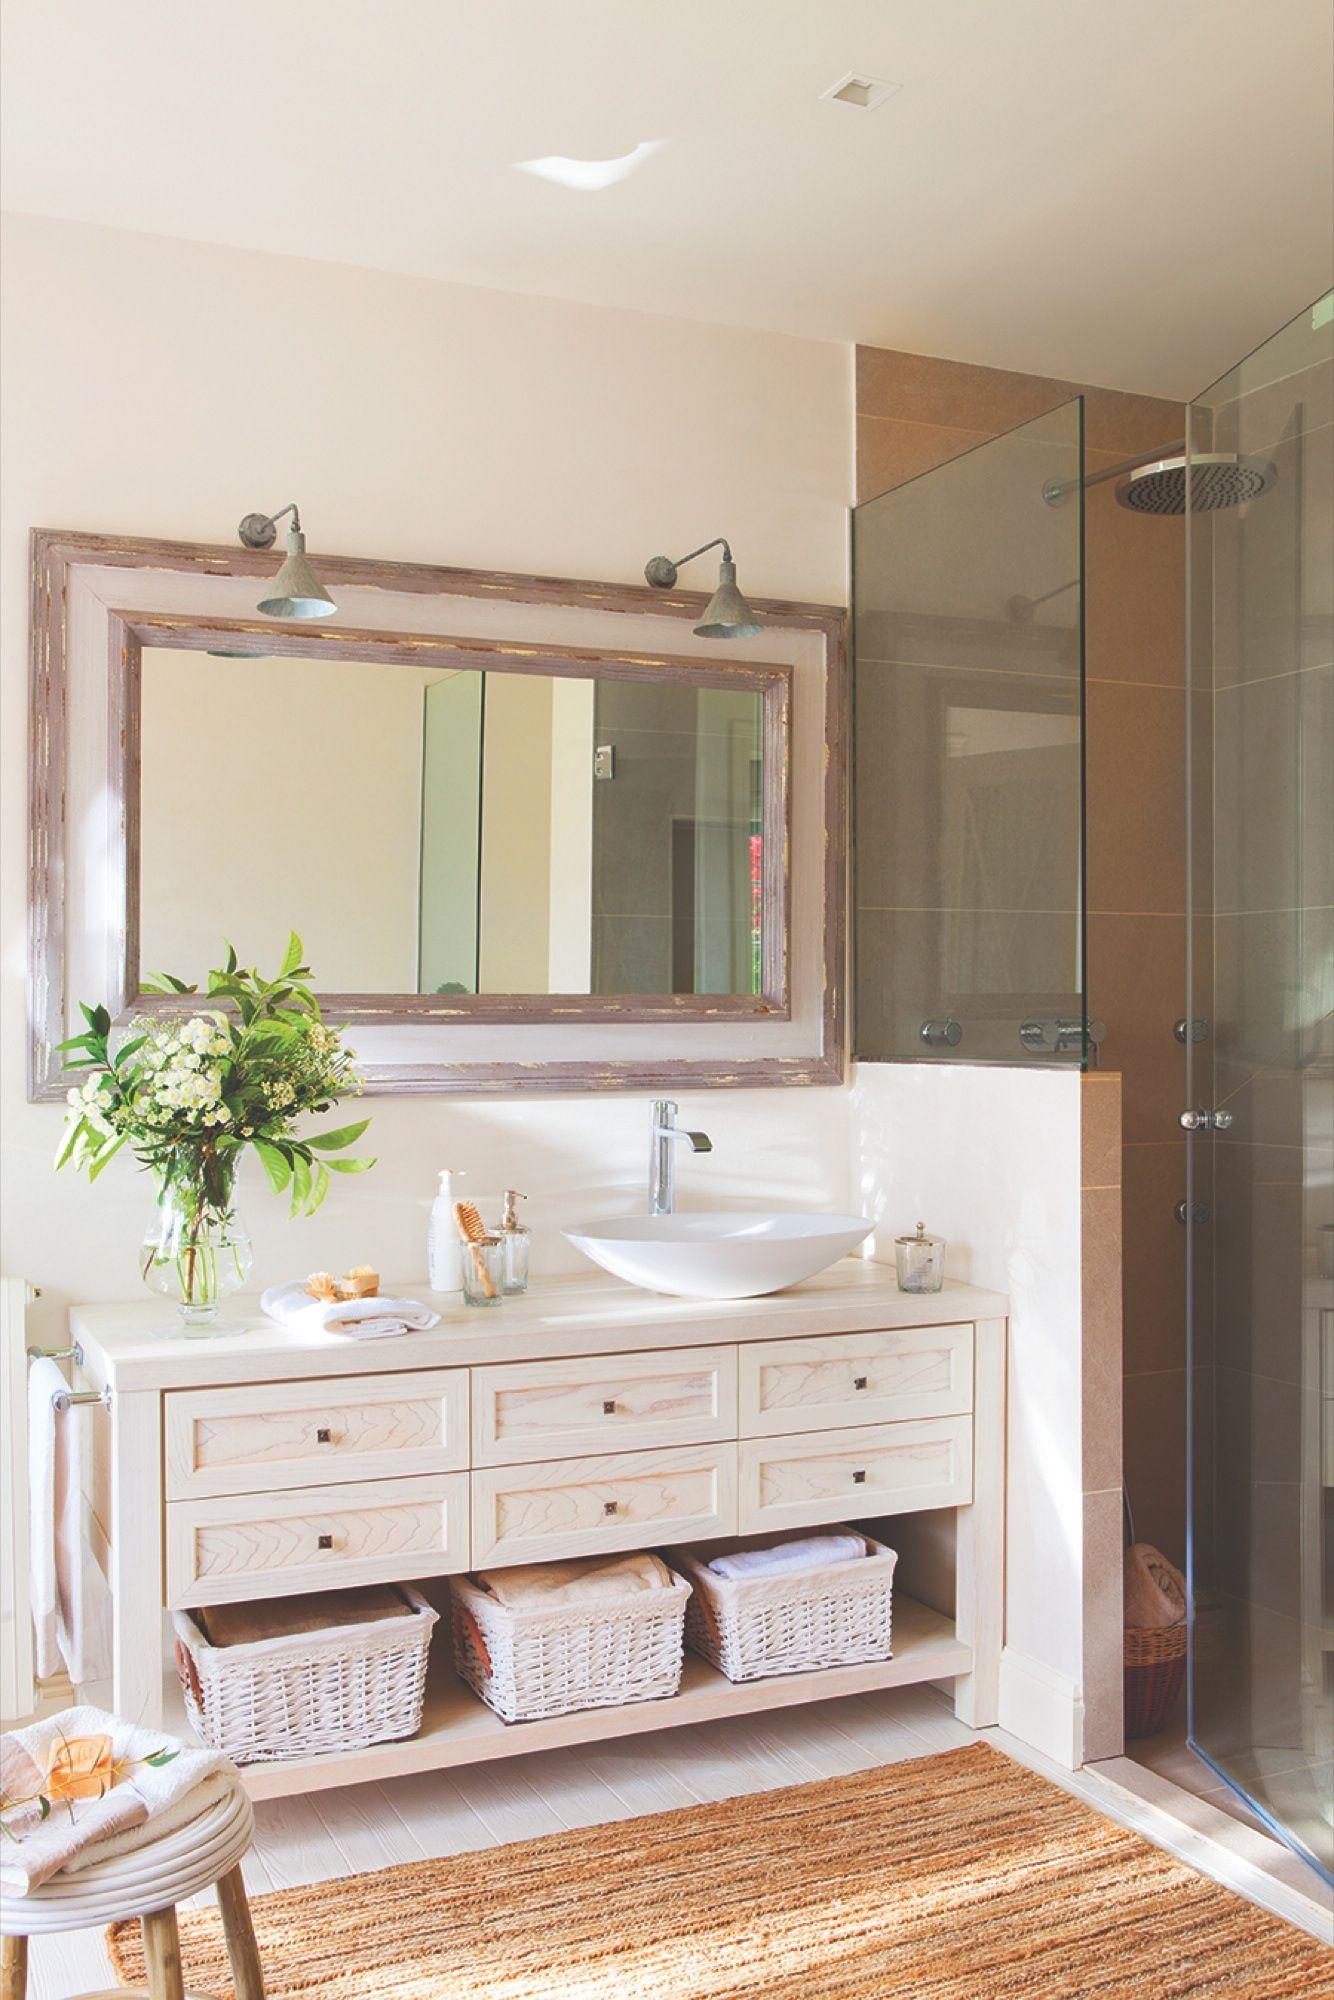 Ba o con c moda reconvertida en mueble bajolavabo y cabina - Cabina de bano ...